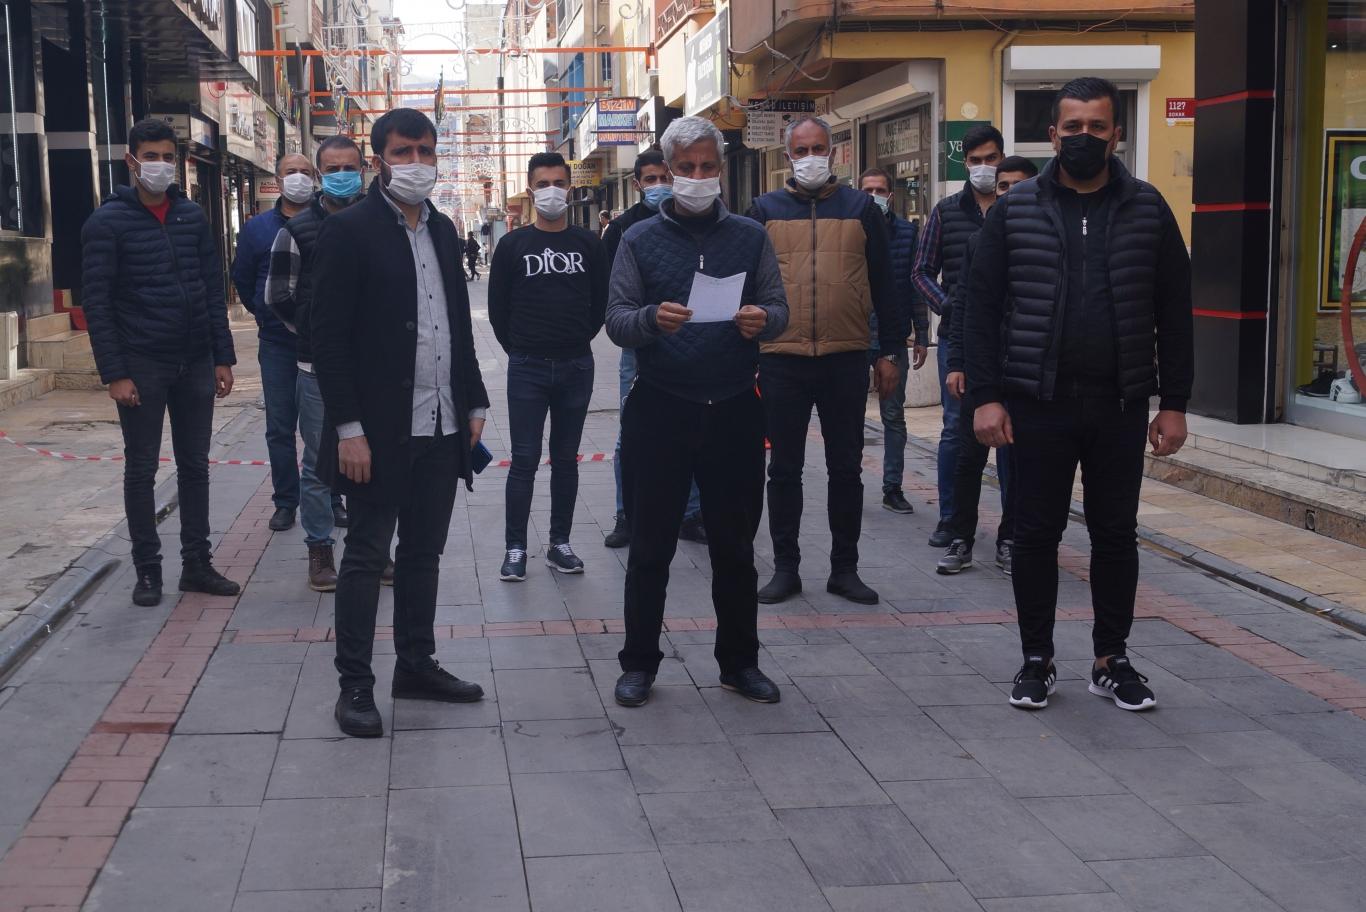 Şemsiyeli Sokak Esnafı EKSİKLİKLERİMİZ GİDERİLSİN